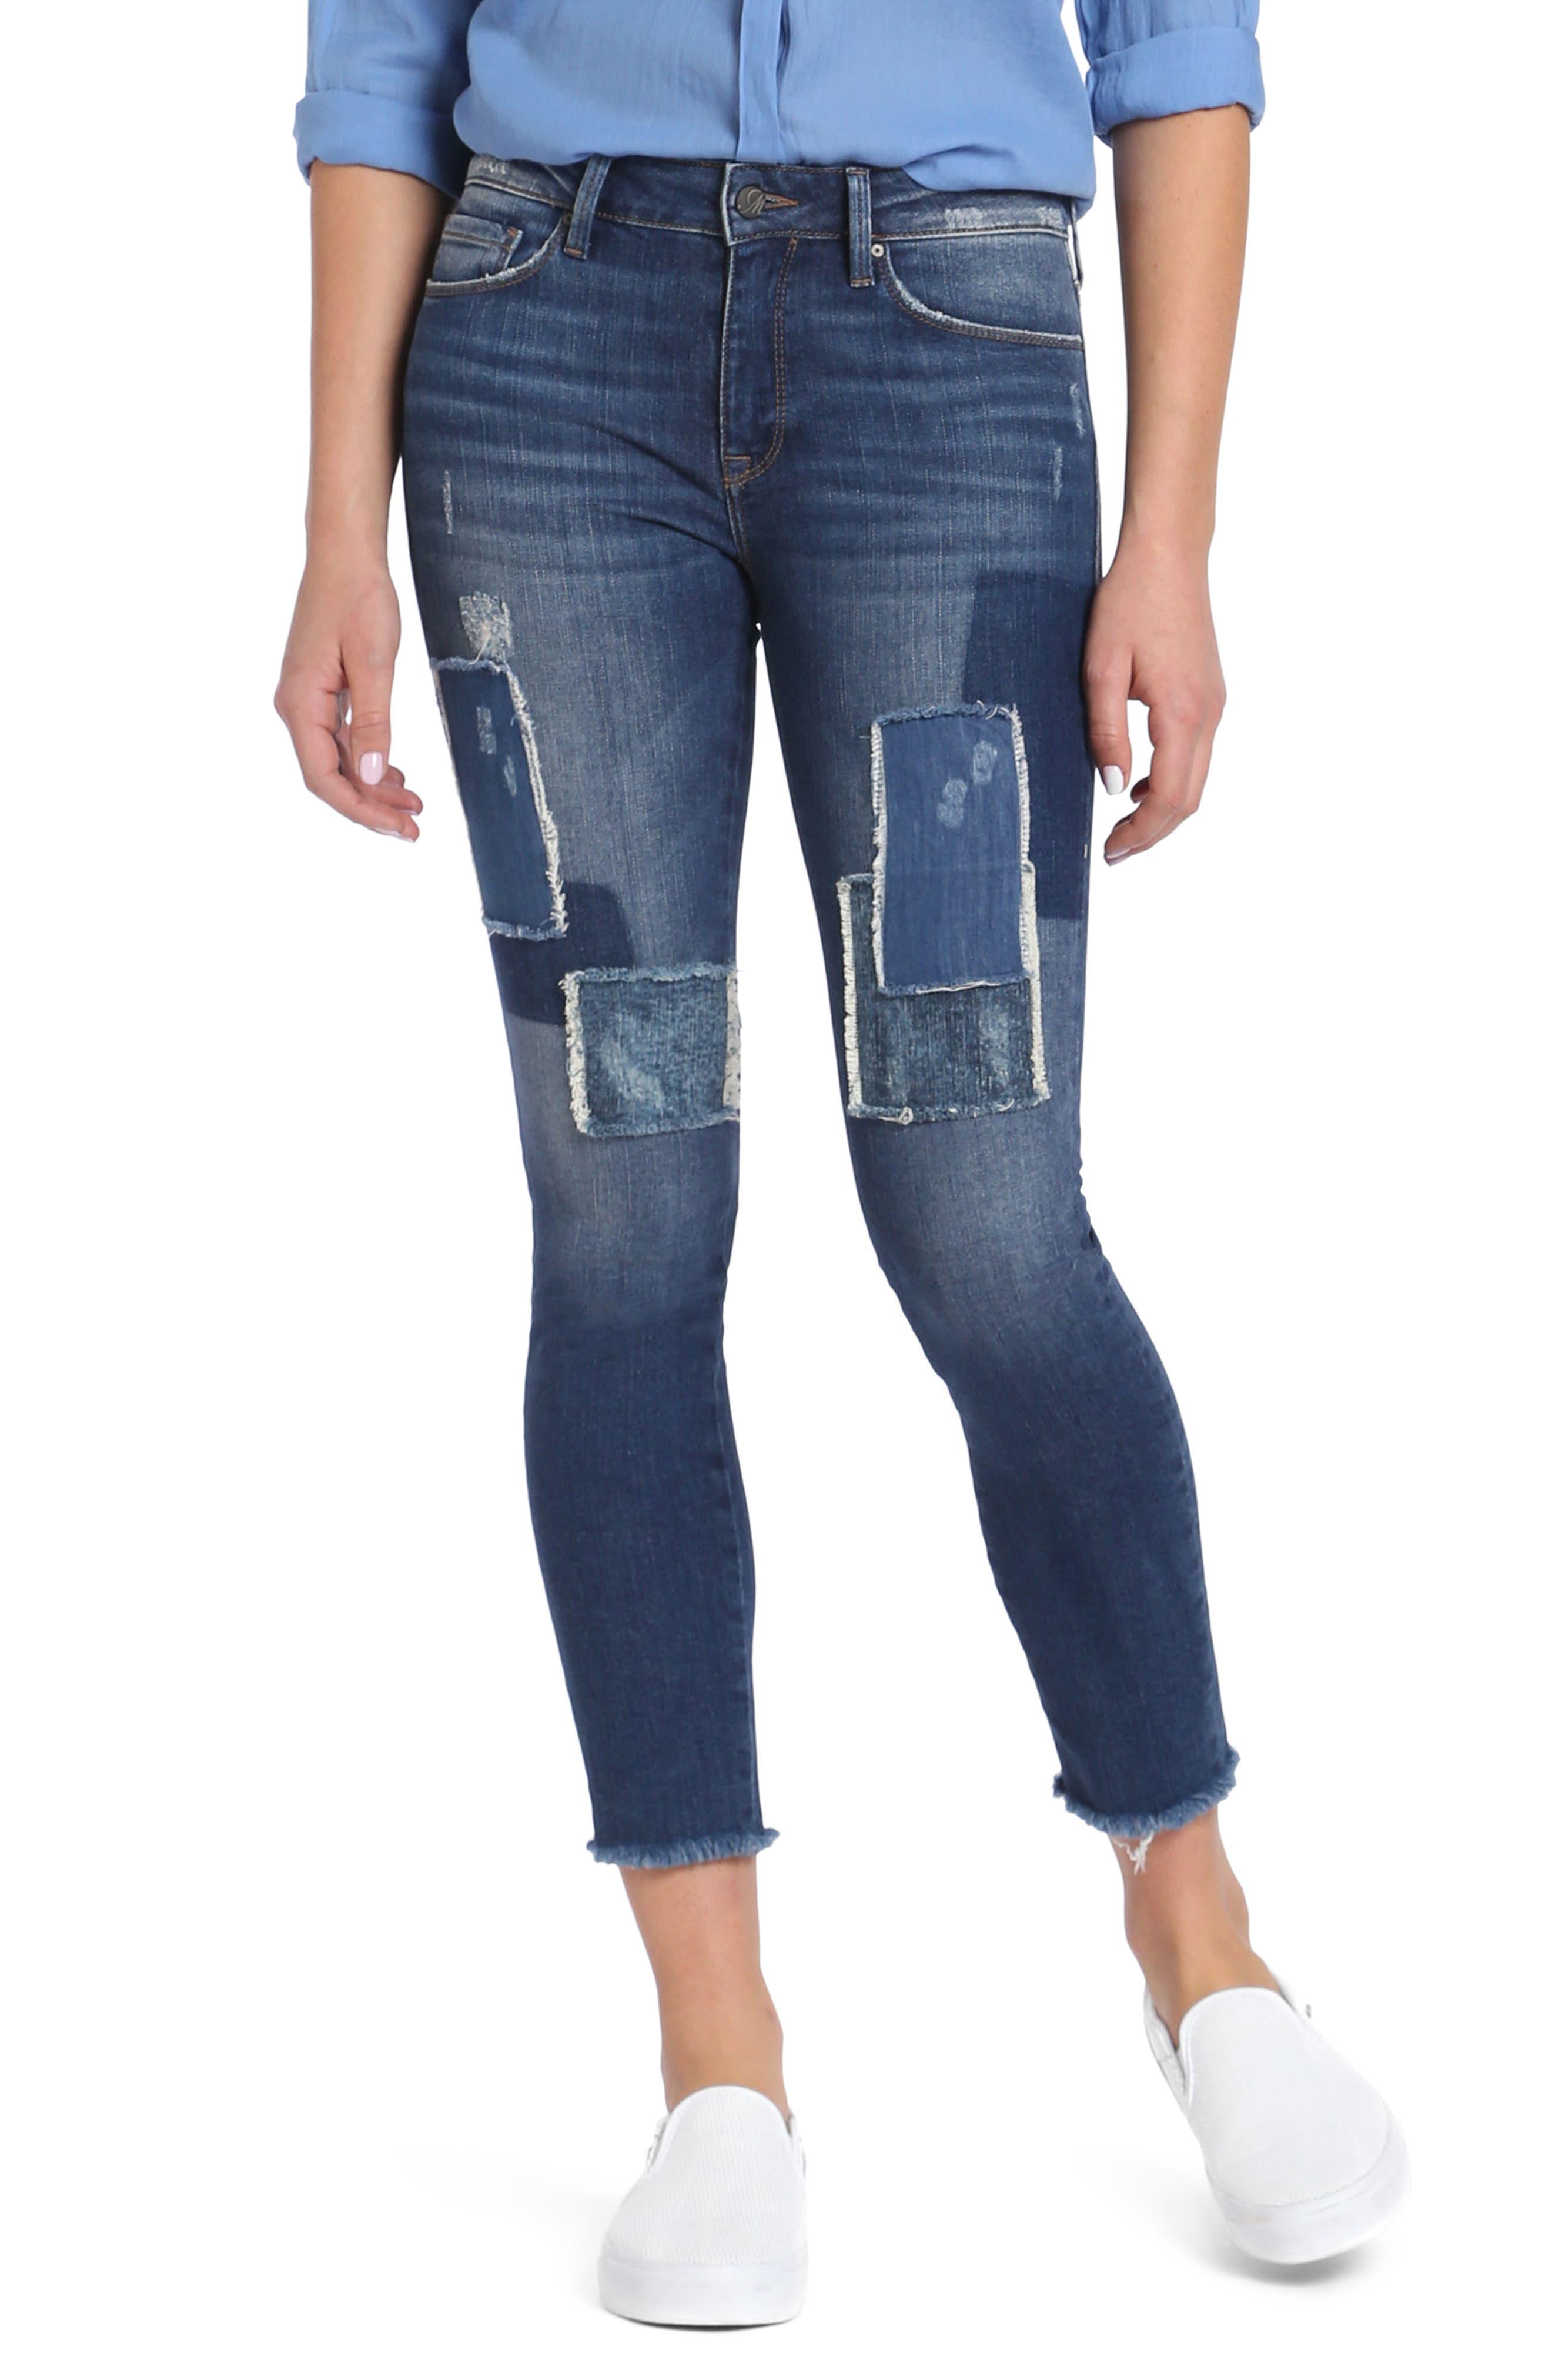 MAVI JEANS Adriana Patched Stretch Skinny Jeans